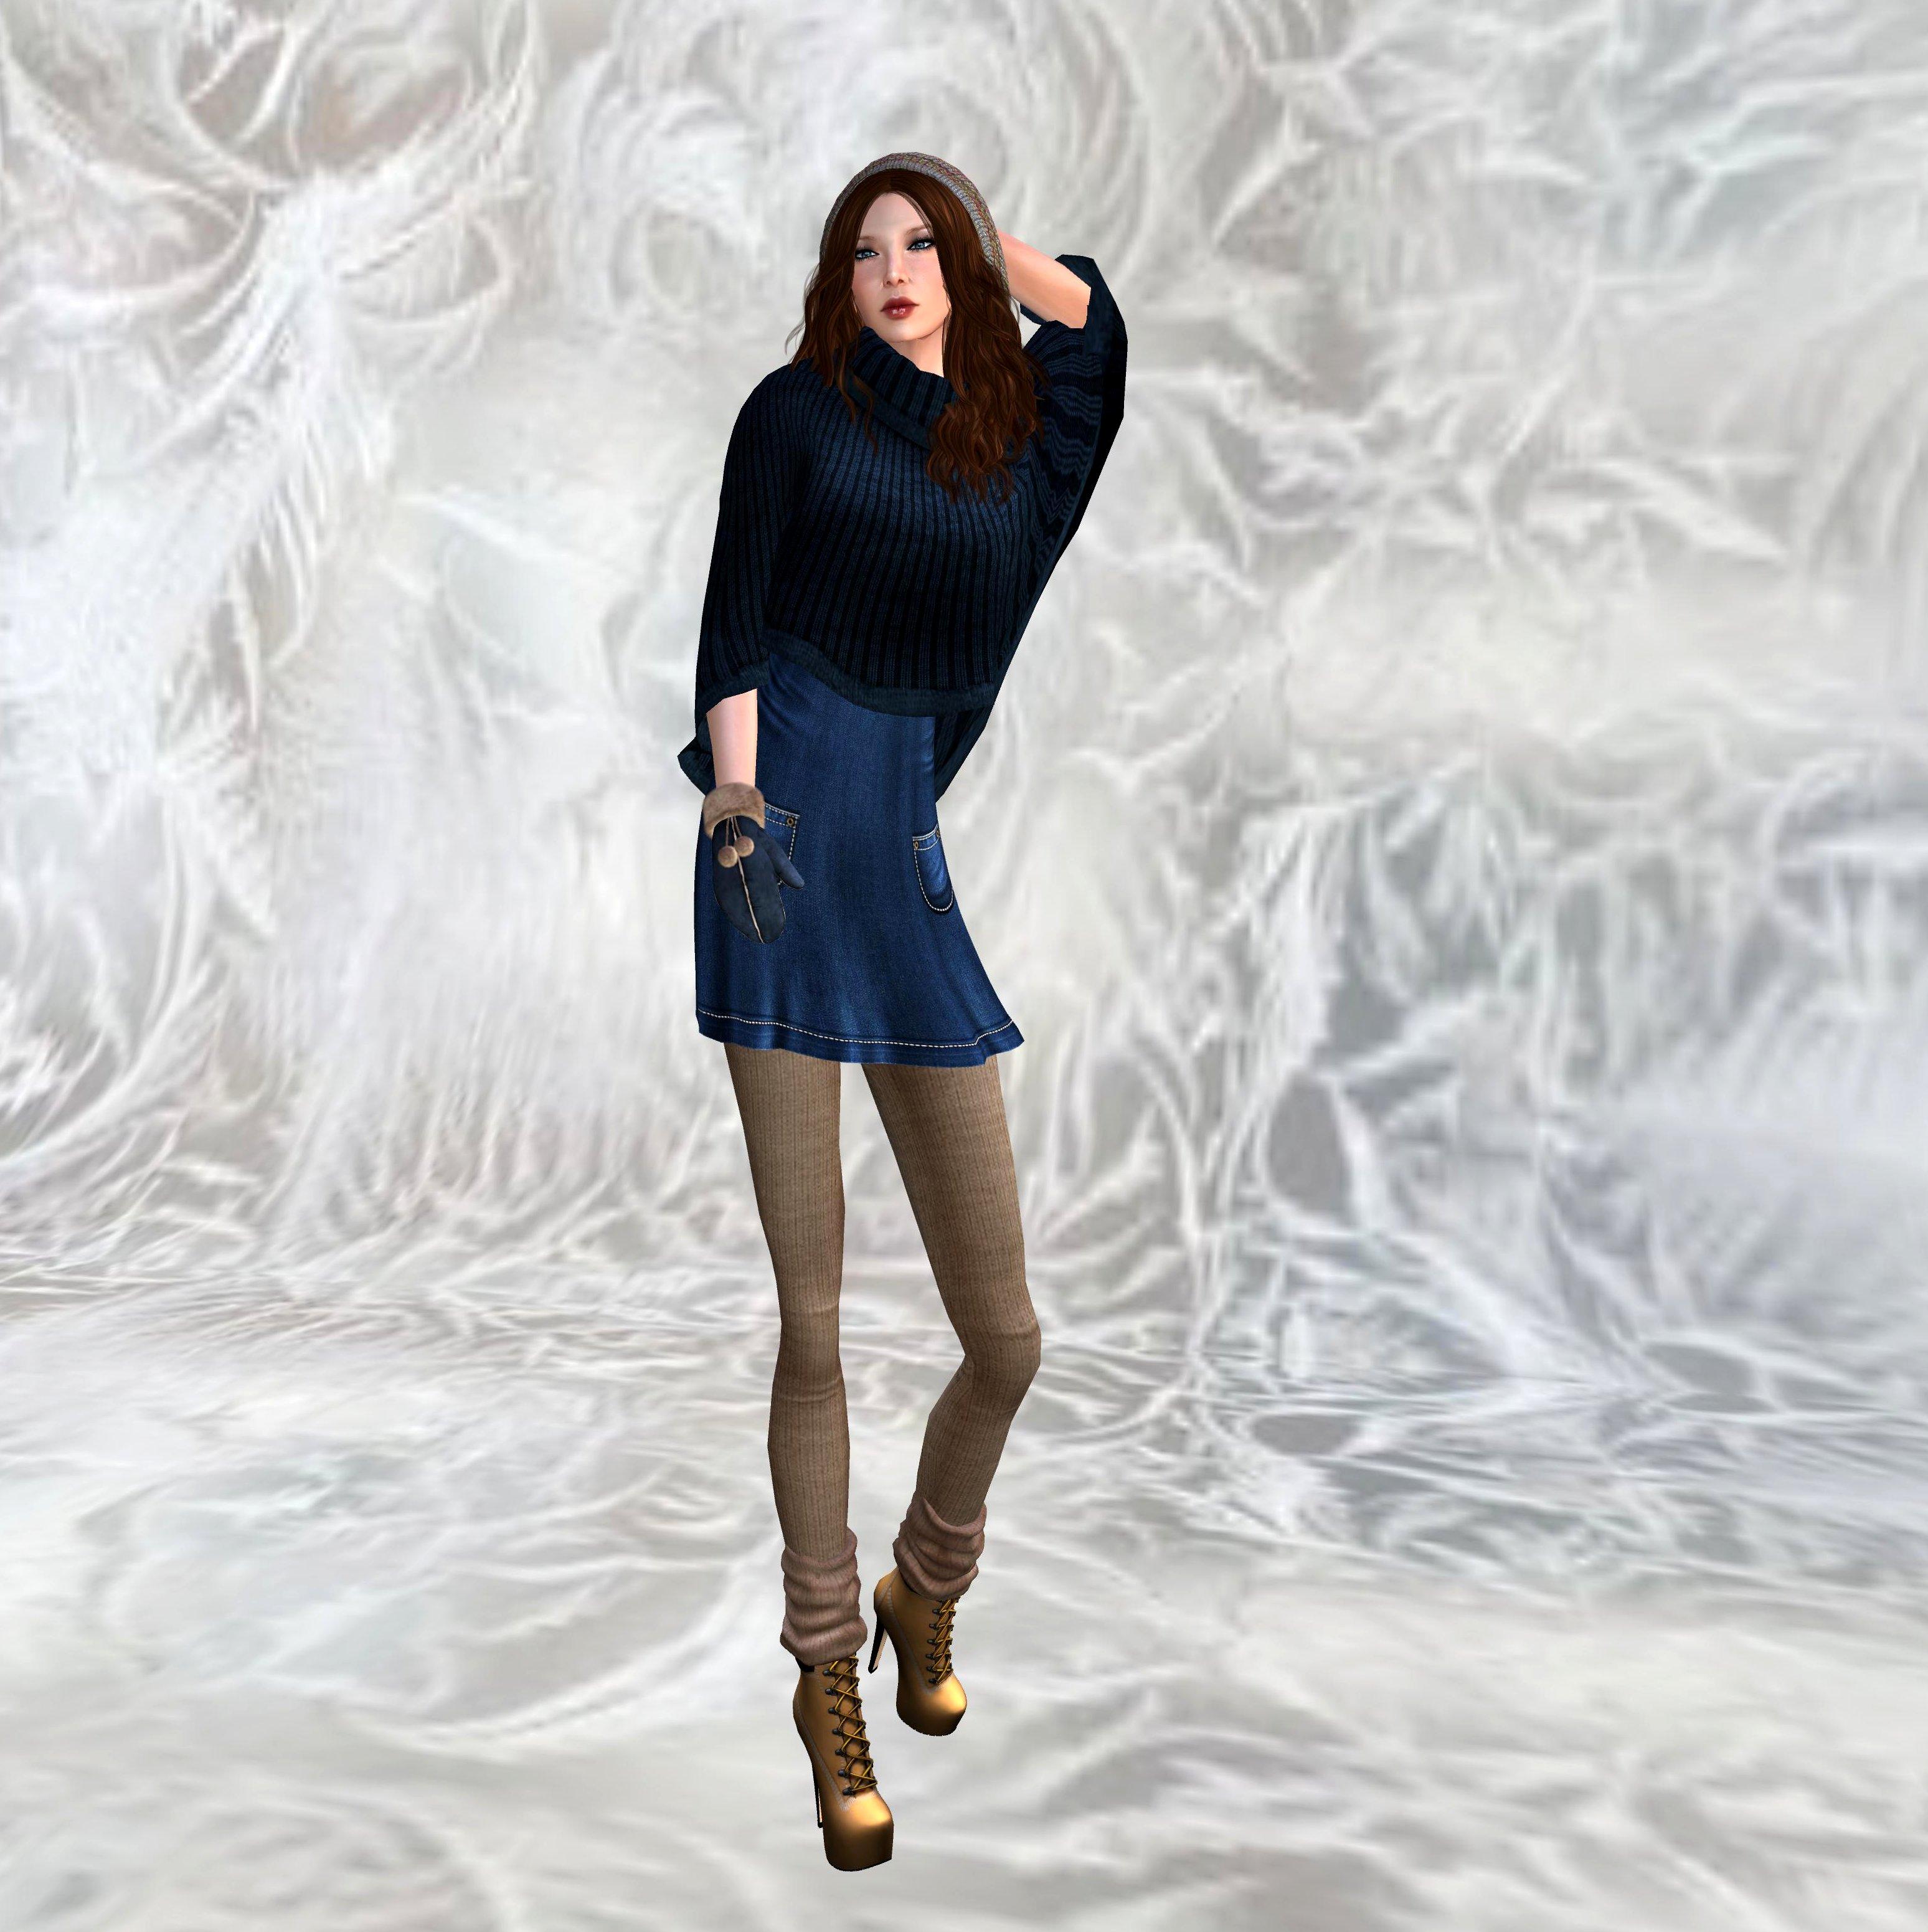 Silver Starlets Anastasia Images | FemaleCelebrity